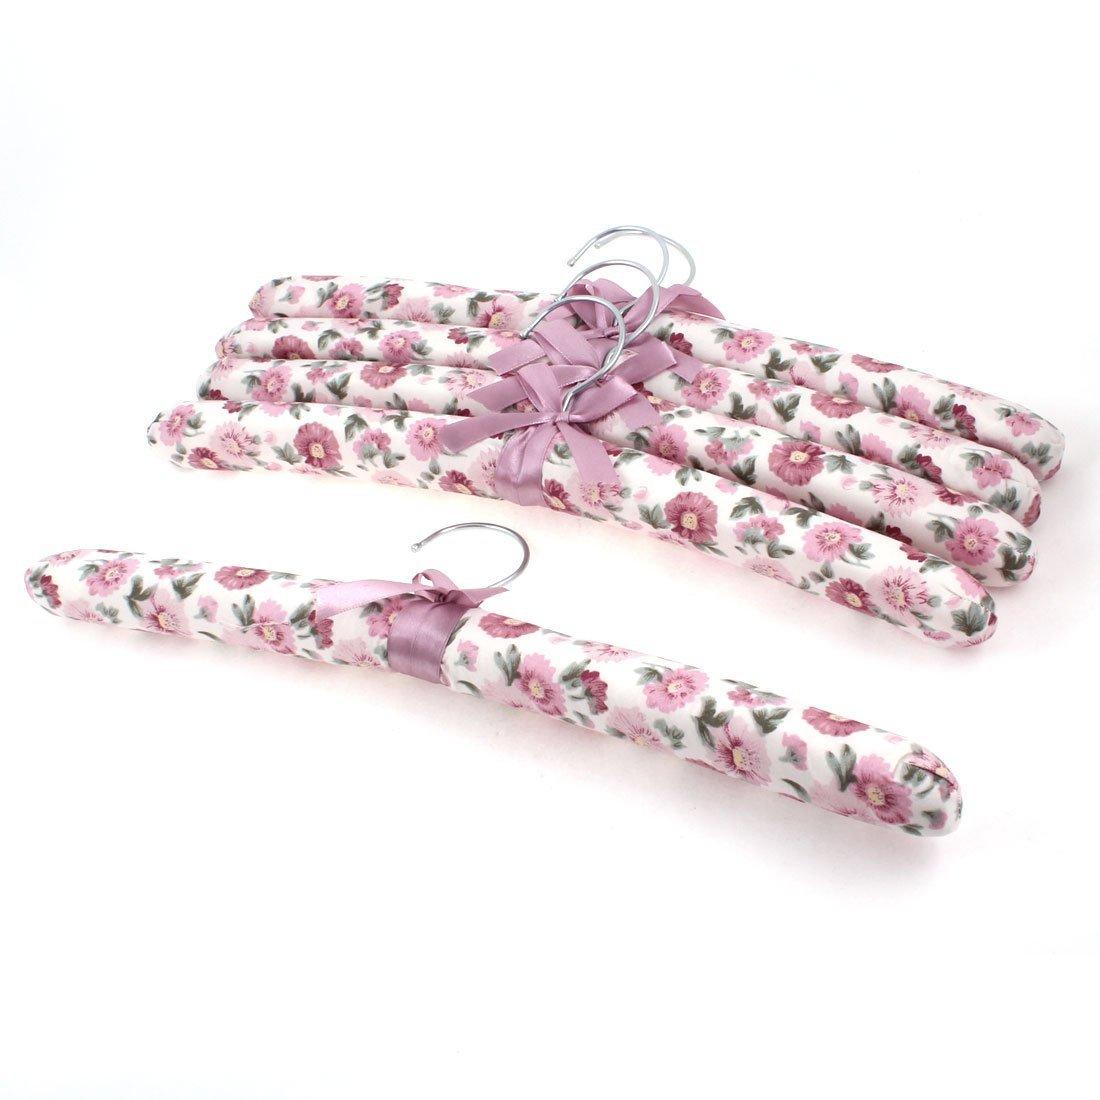 Flower Leaf Print Nylon Sponge Clothes Hangers 5pcs Light Burgundy DealMux